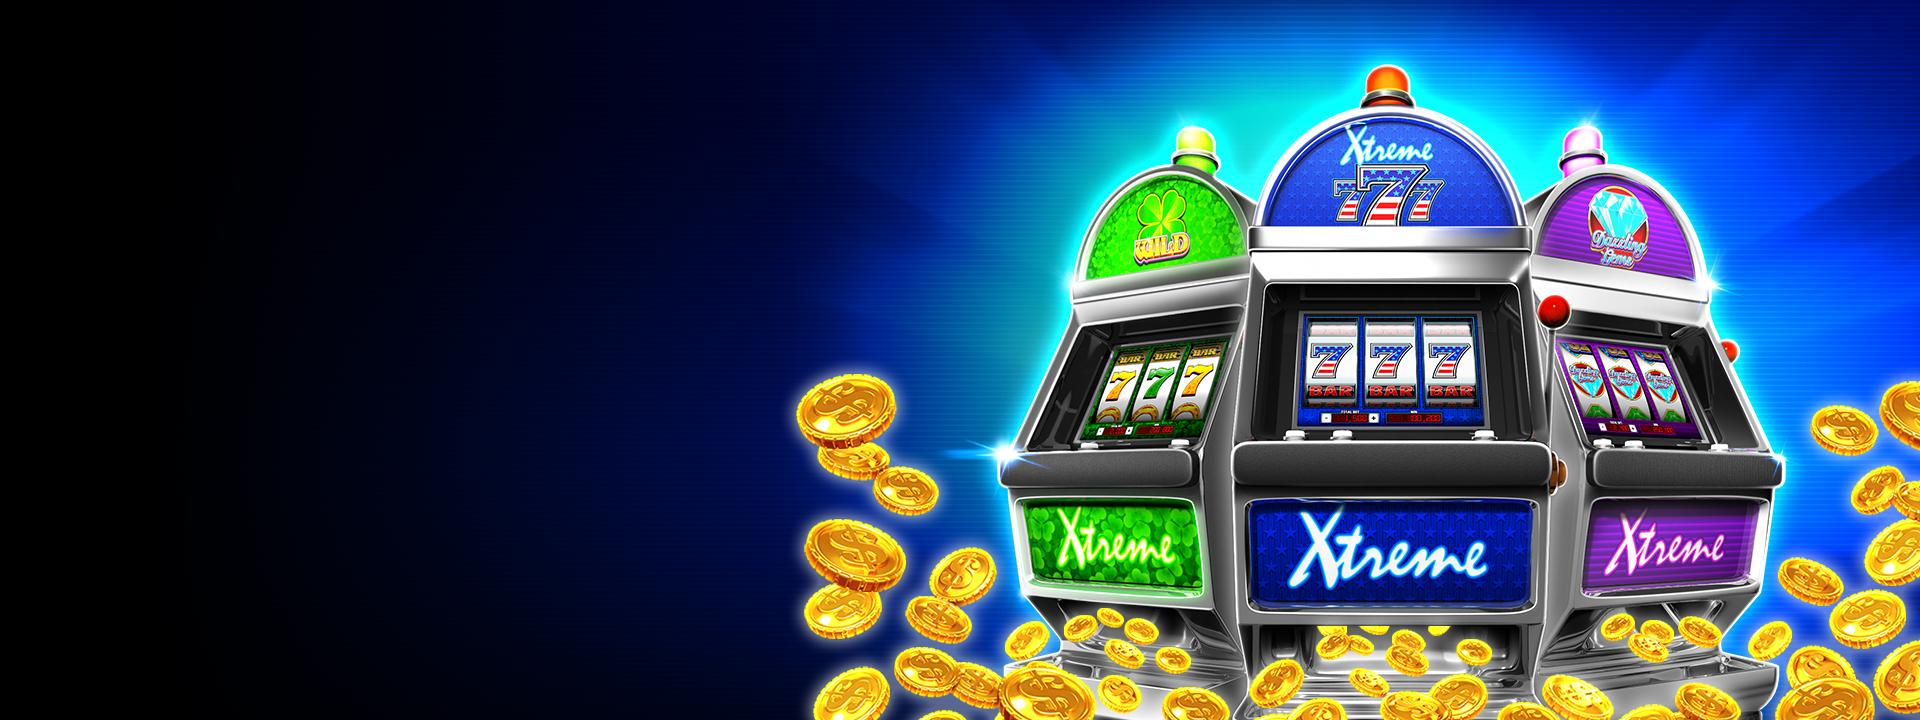 Decreto dignita slot machine